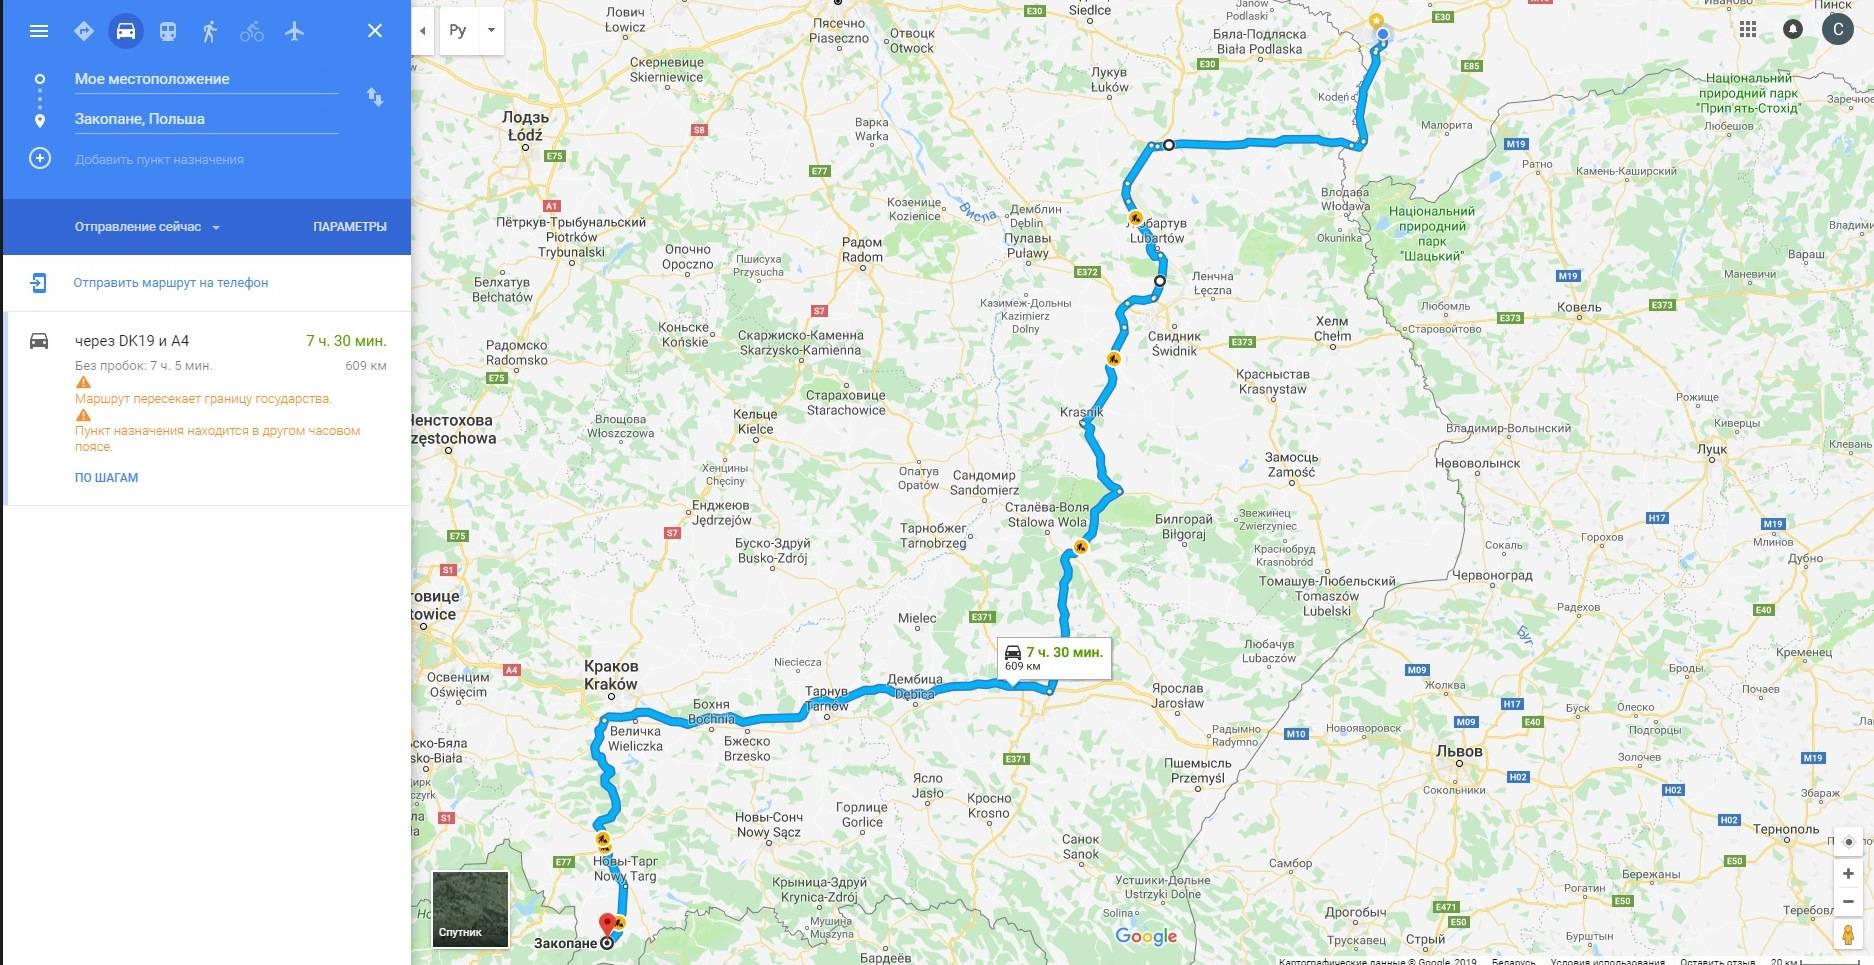 Польша: горнолыжные курорты закопане и бялка татранскаolgatravel.com